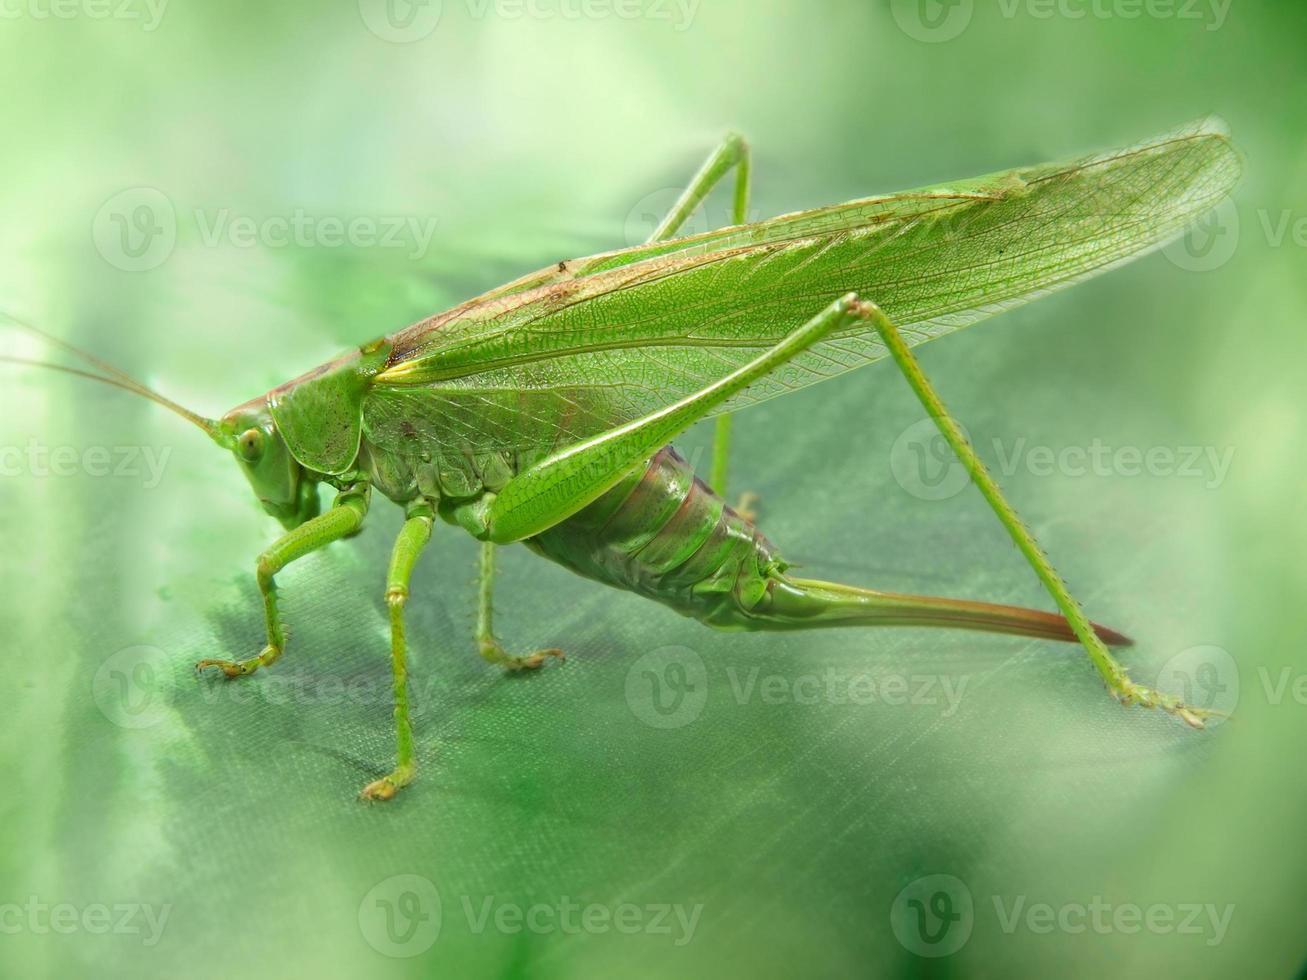 gafanhoto verde grande tomado o close up. foto